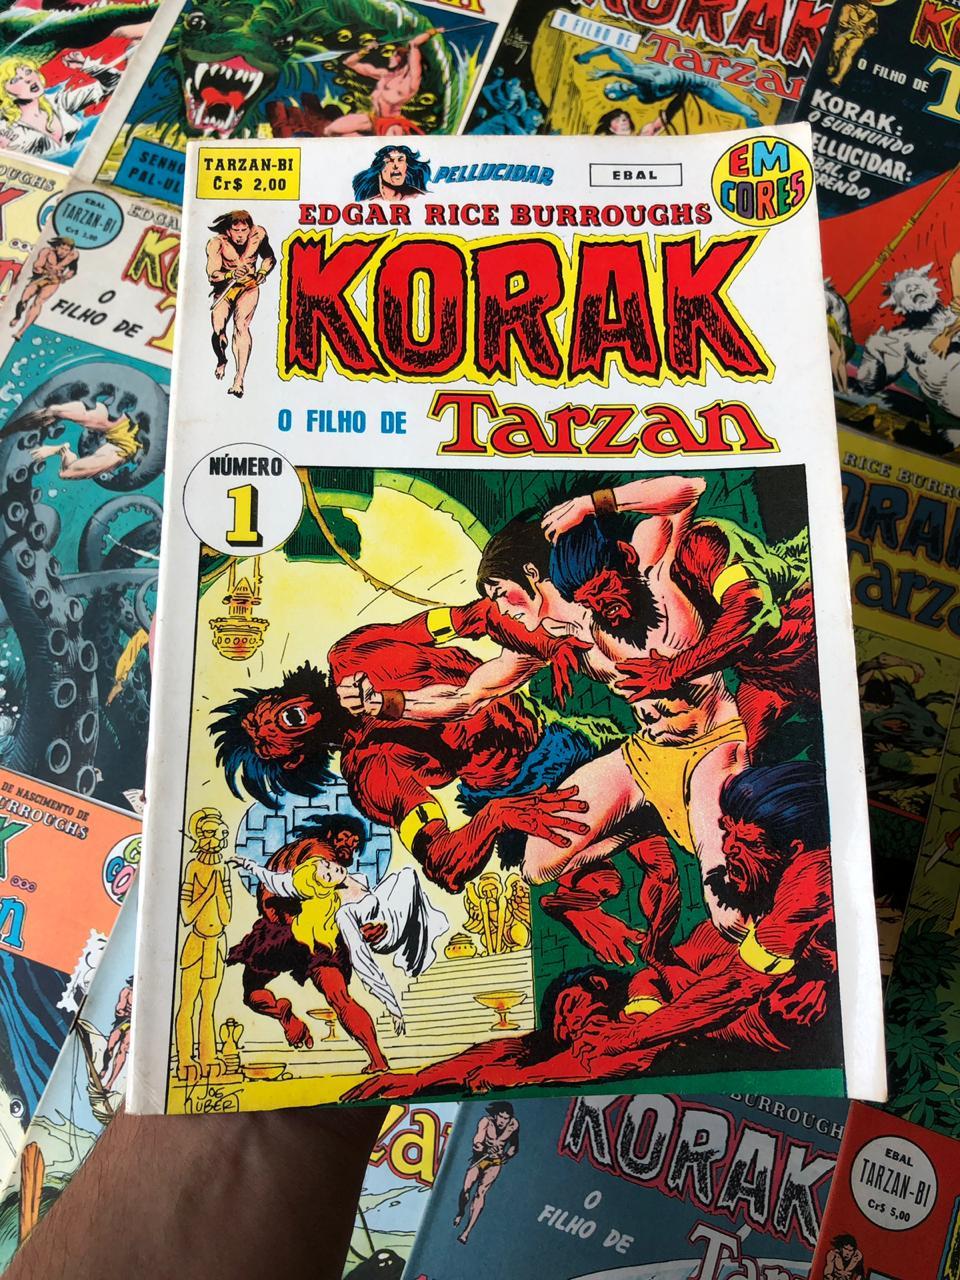 8° lote - Coleção Korak, O Filho de Tarzan Em Cores  (Ed. Ebal)